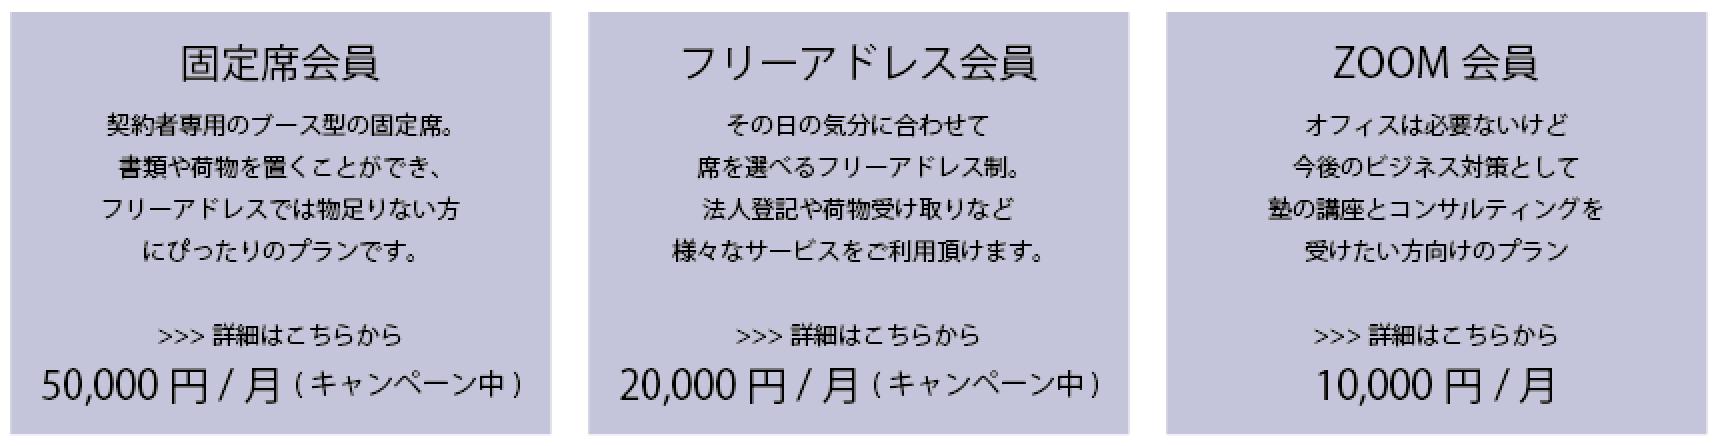 スクリーンショット 2021-06-09 14.46.52